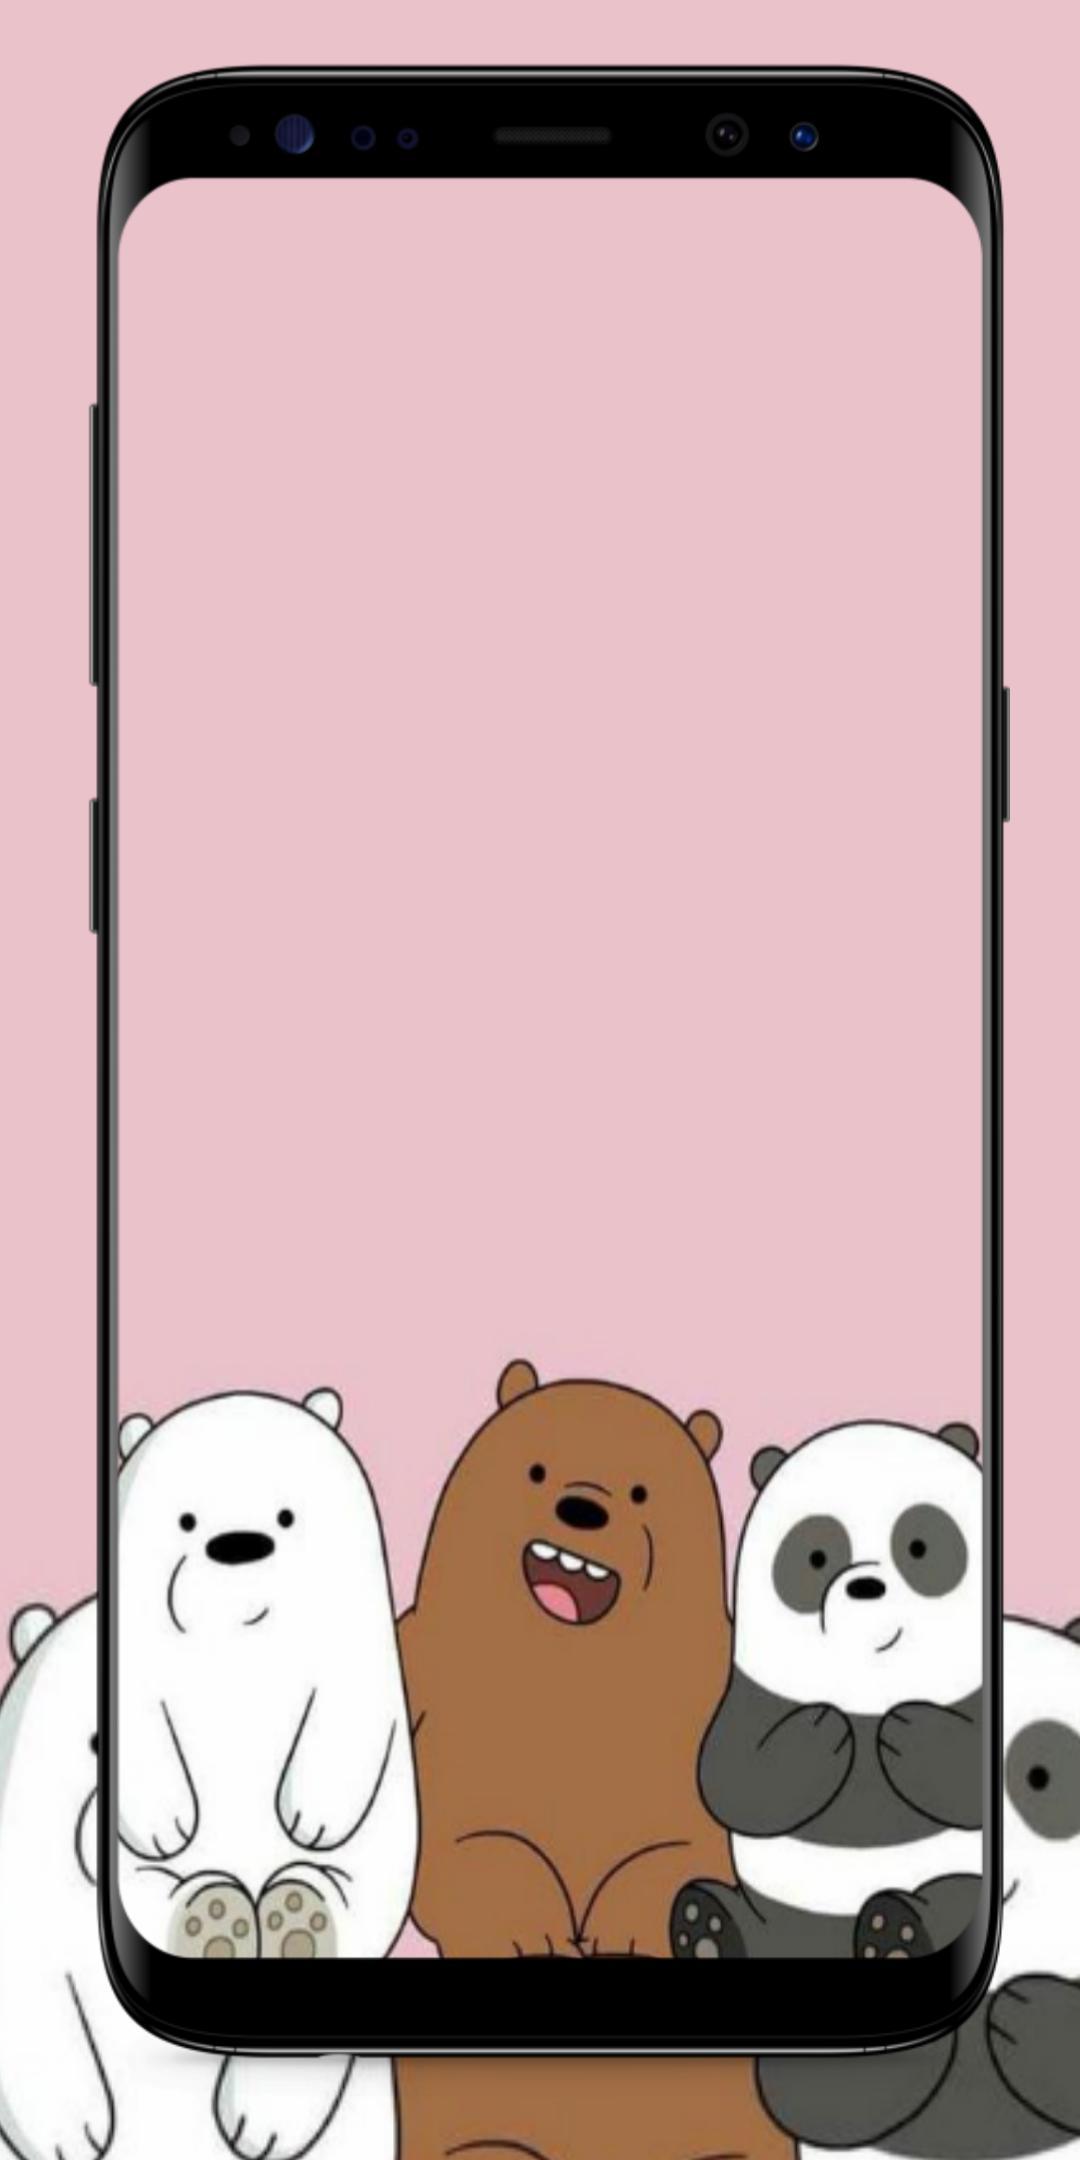 Wallpaper Gambar Kartun For Android APK Download